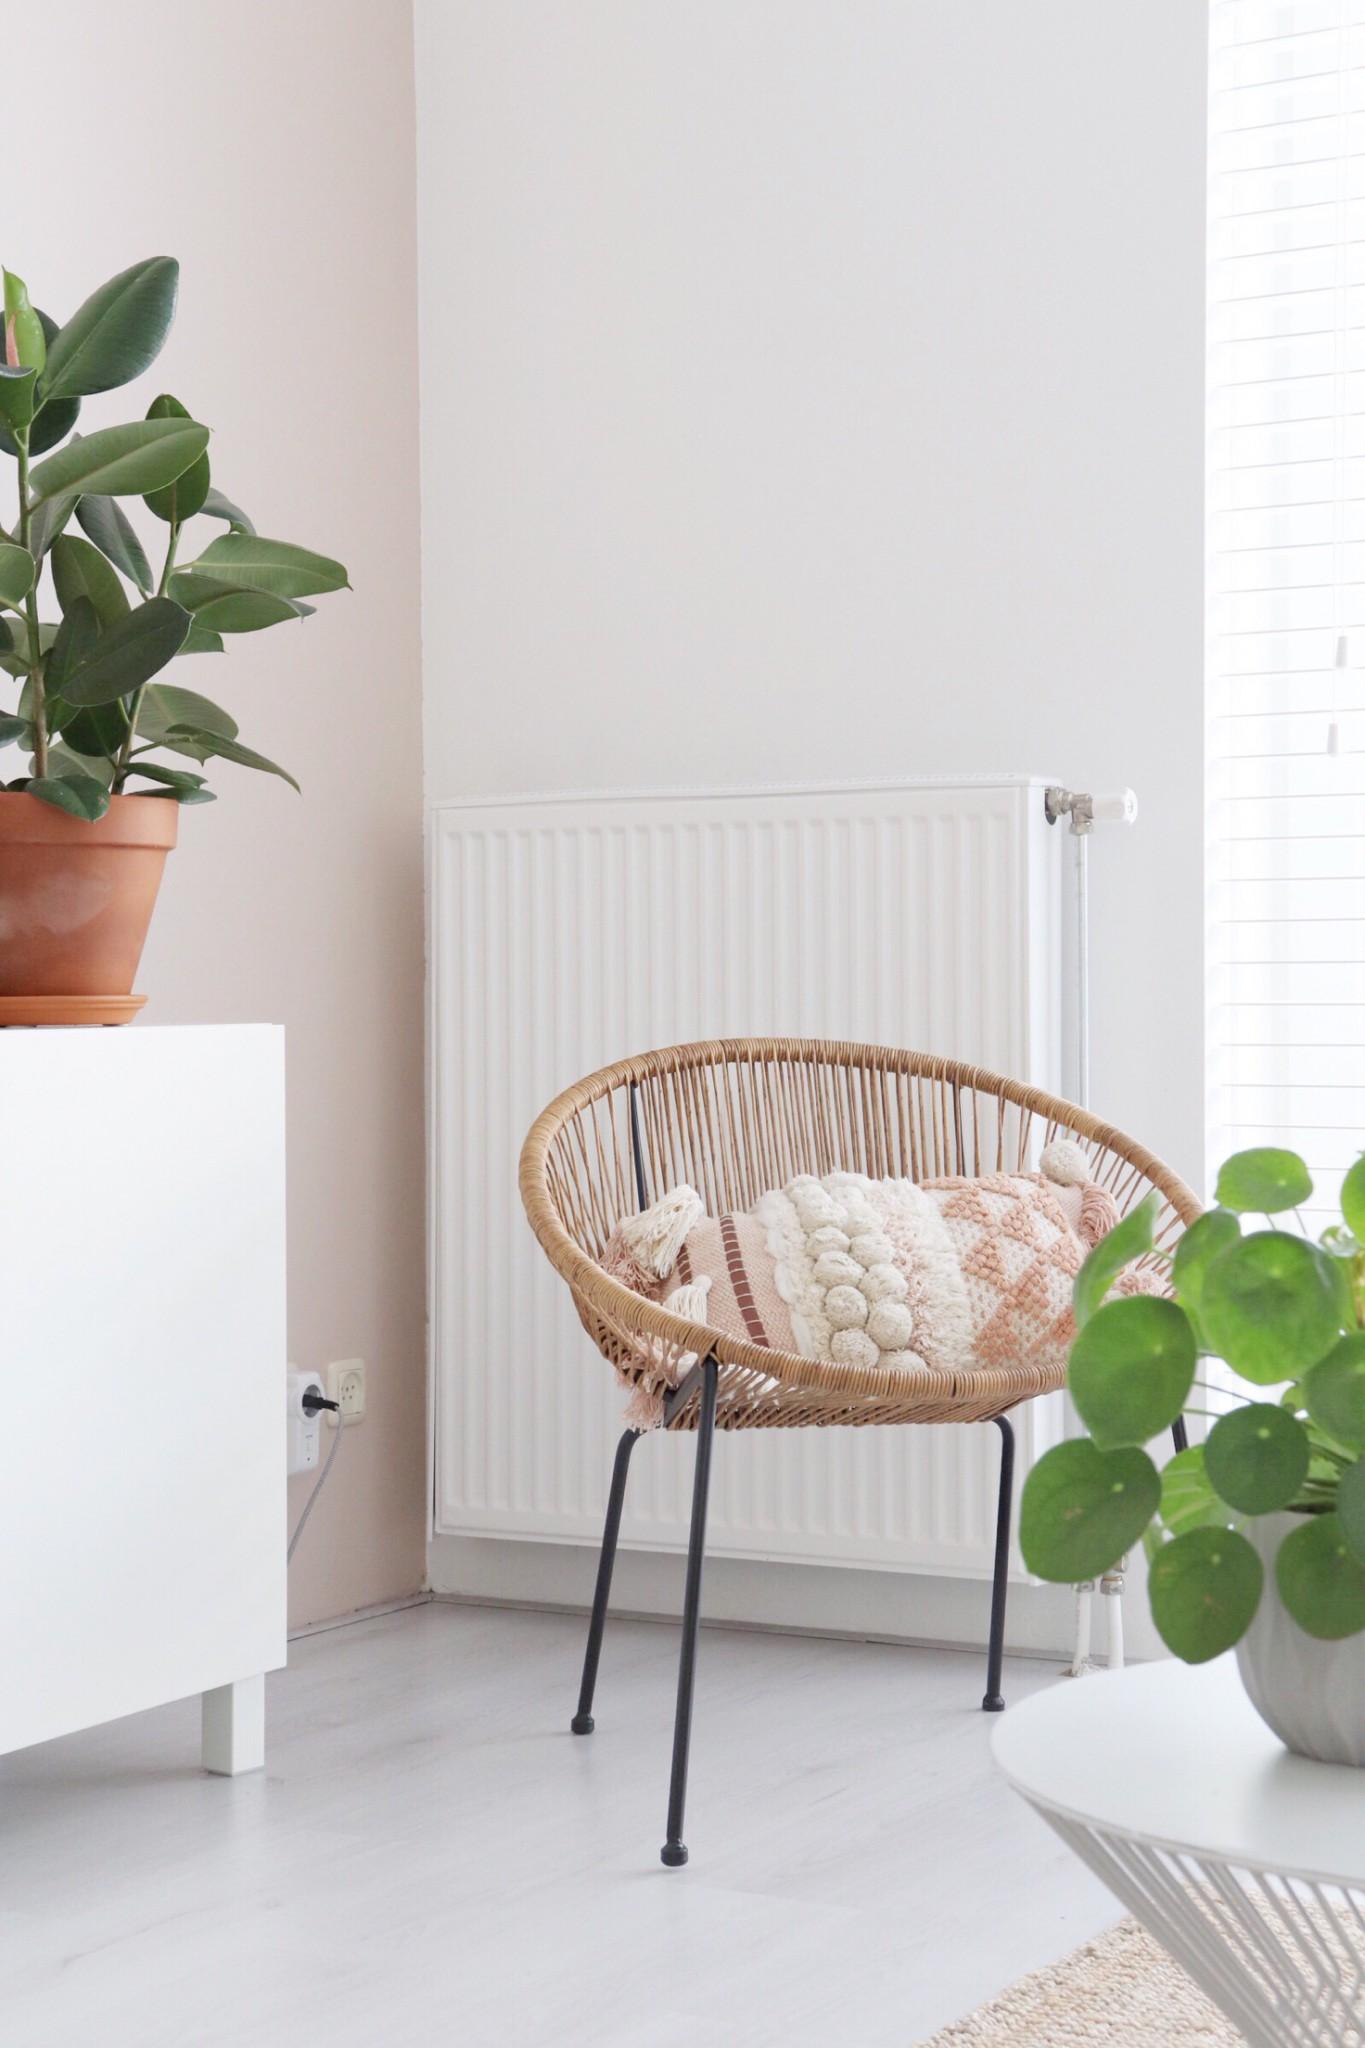 een hoekje in de woonkamer met een rotan stoel, roze accent en twee groene planten.